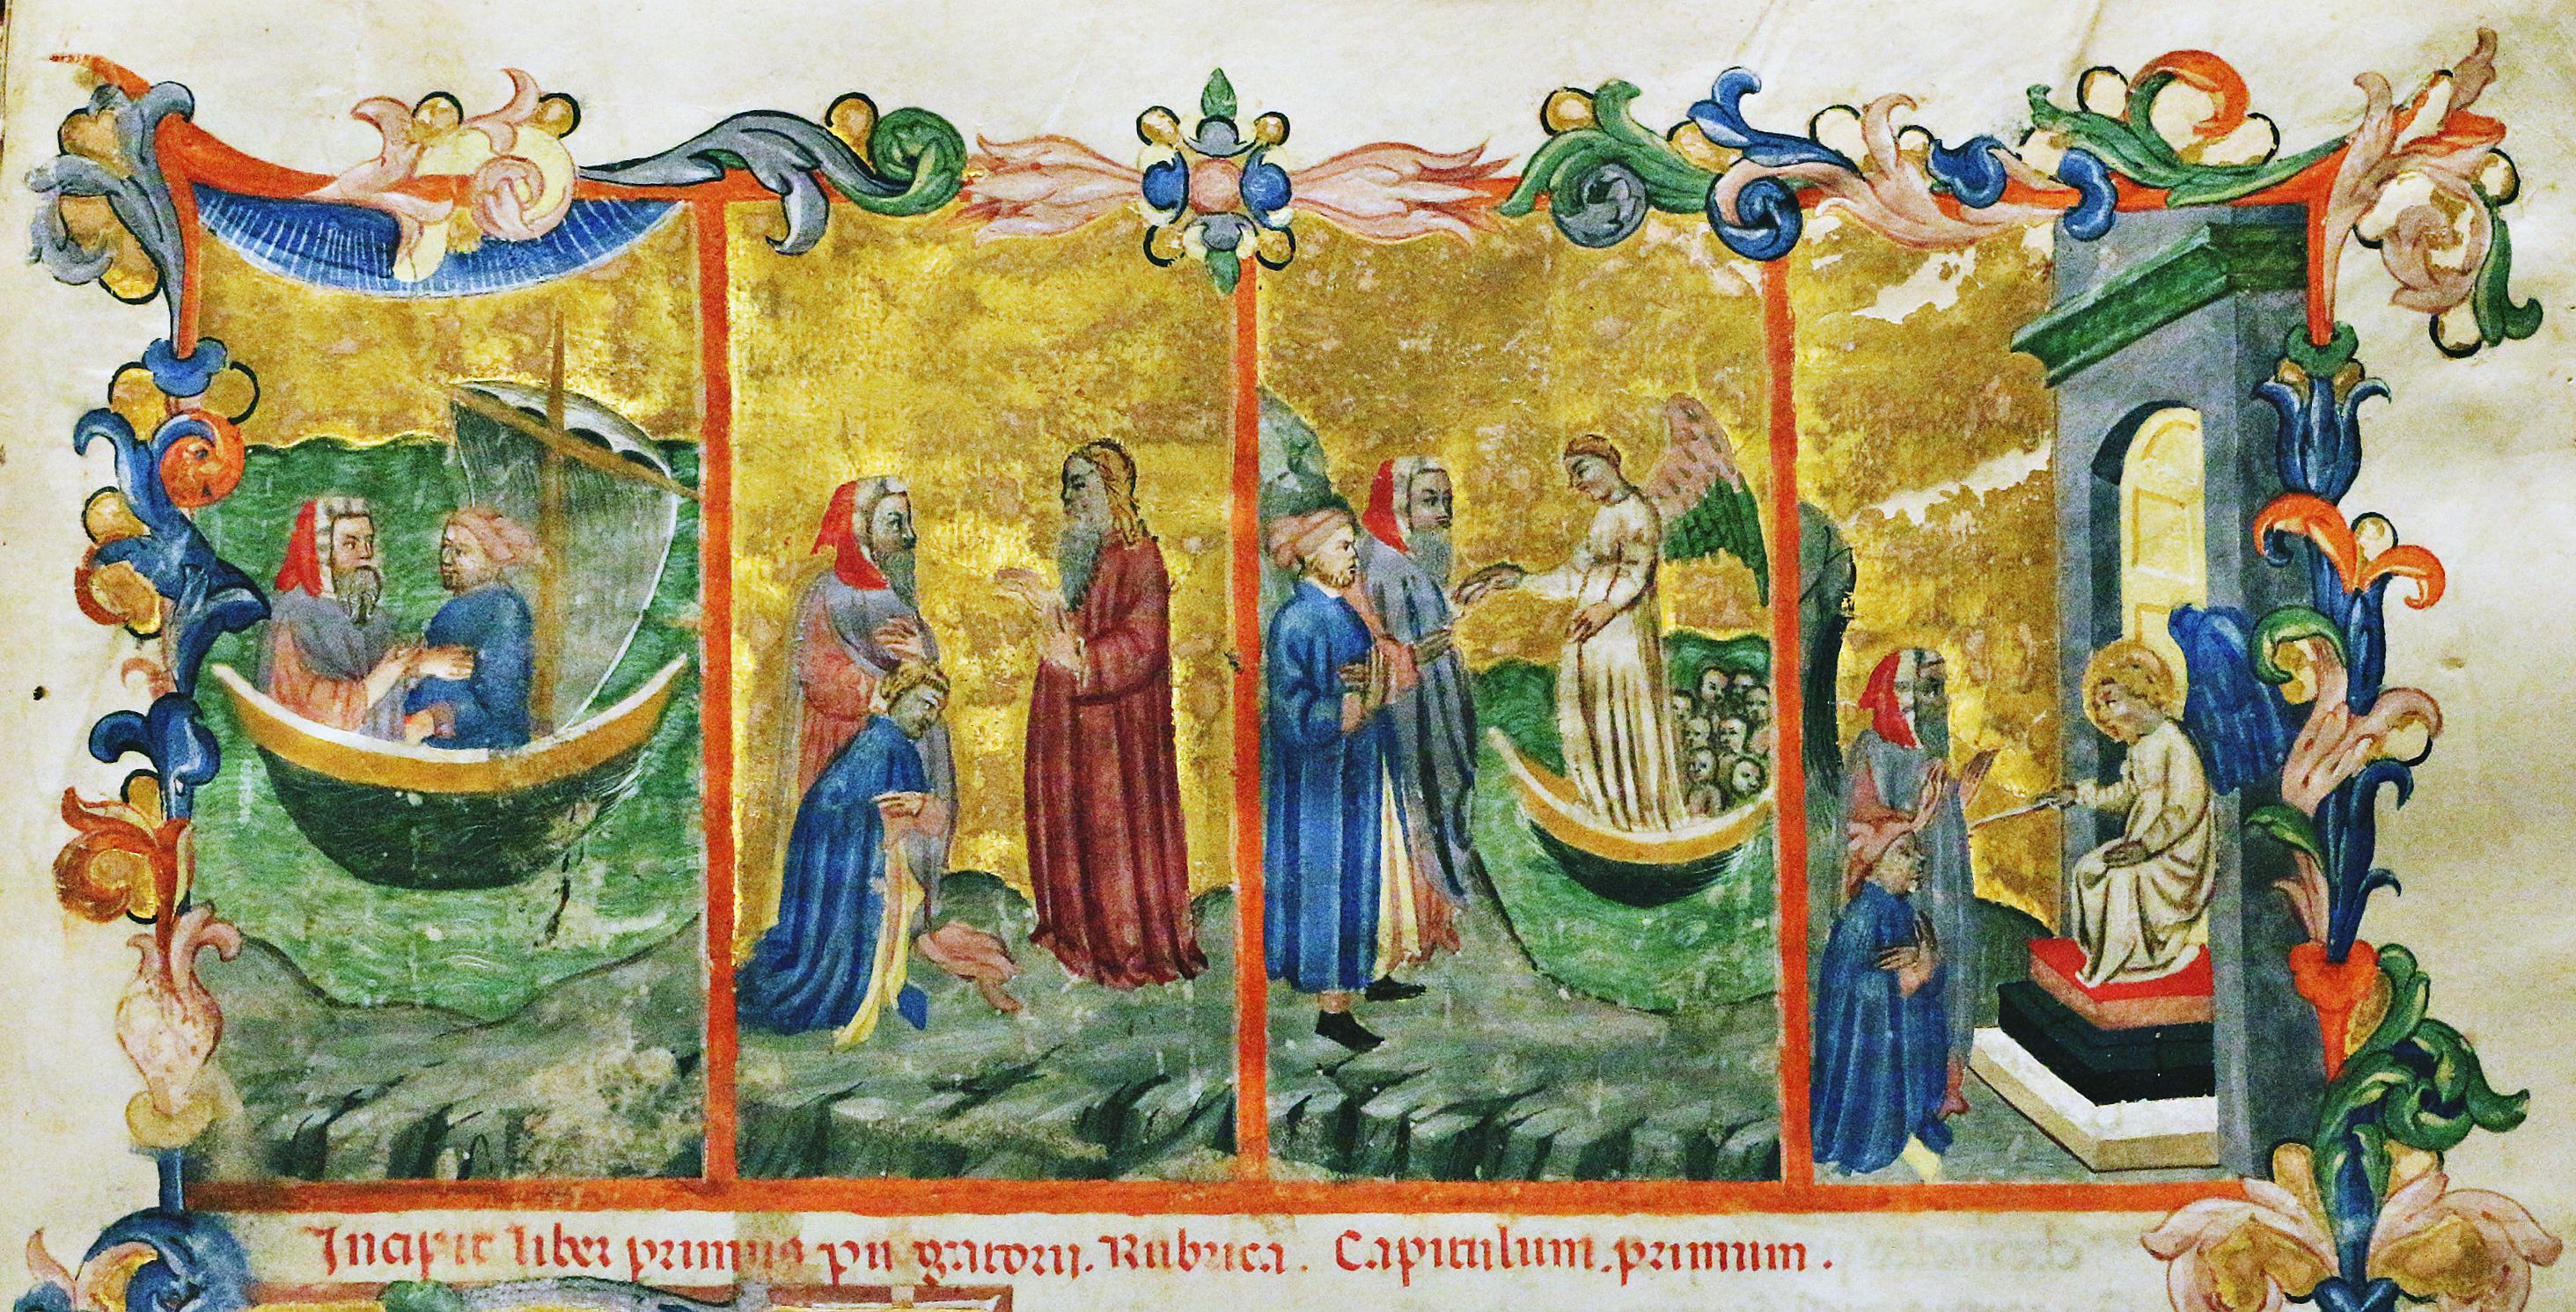 Simone Camaldolese e aiuti, Commedia di Dante, Purgatorio Canto I (particolare).